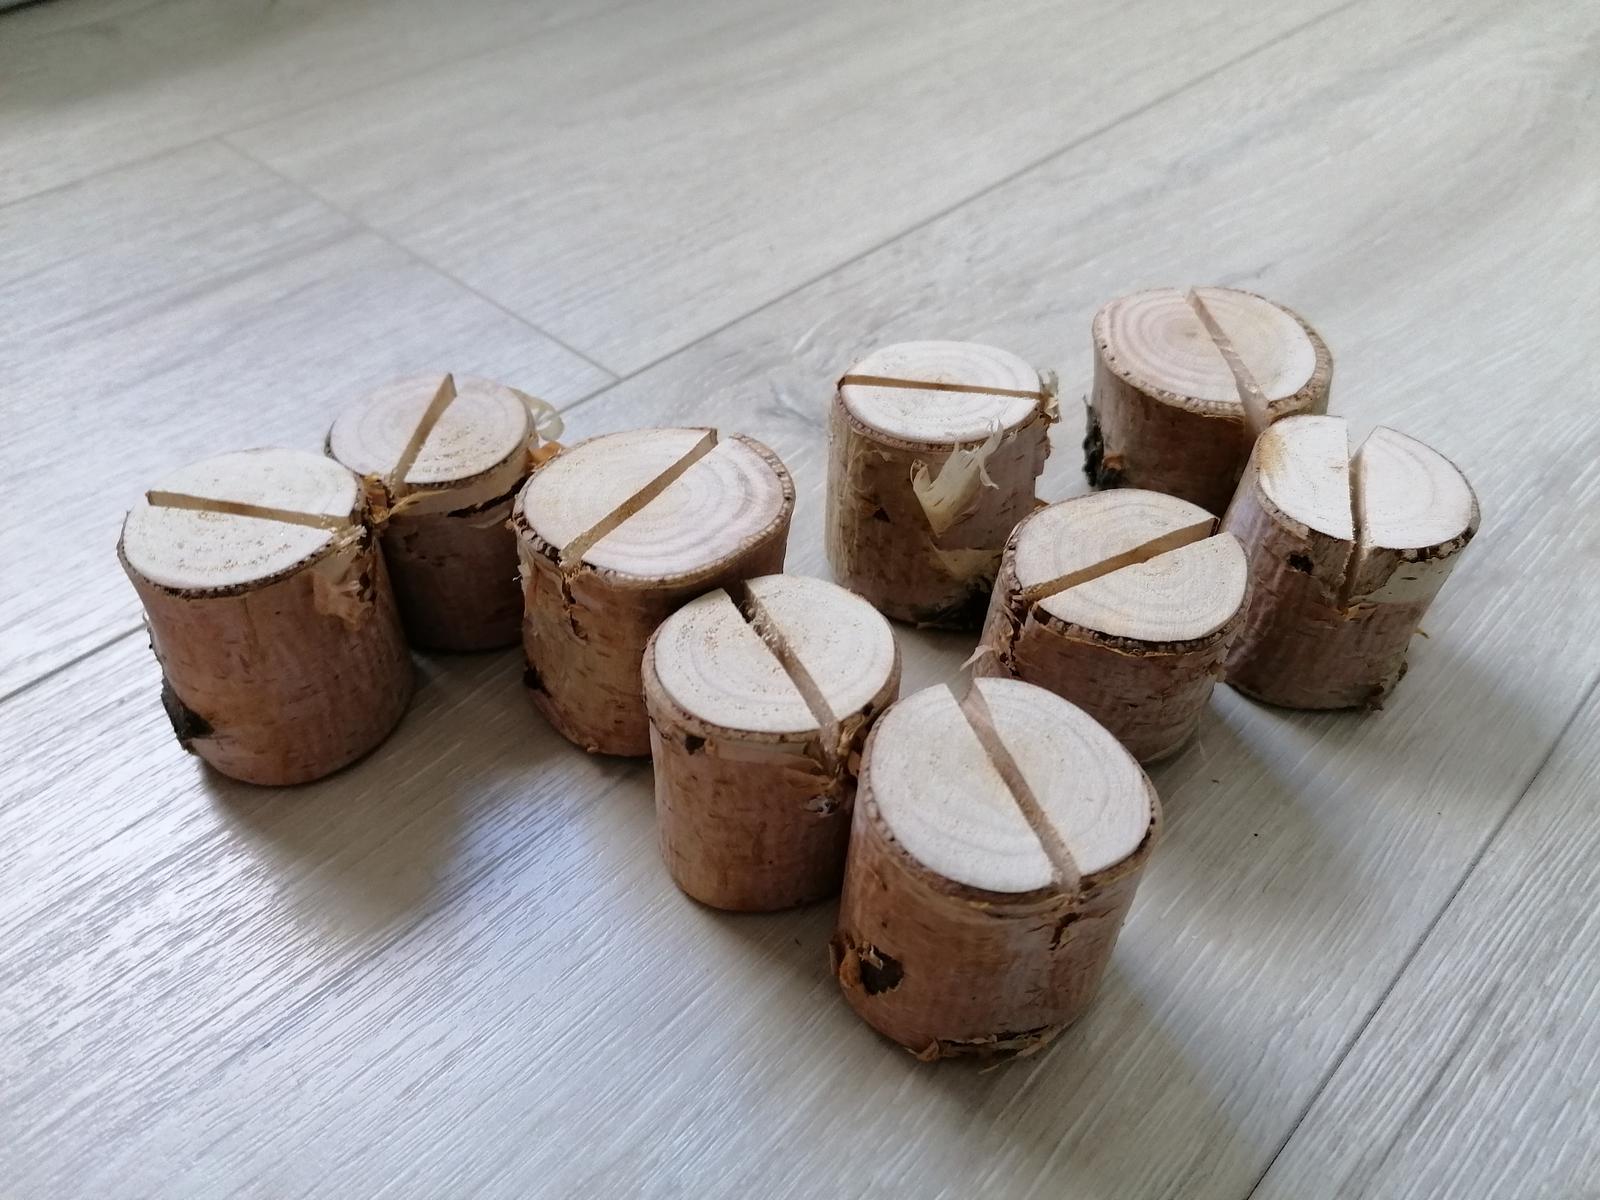 Držiak  z brezy na menovky - Obrázok č. 1